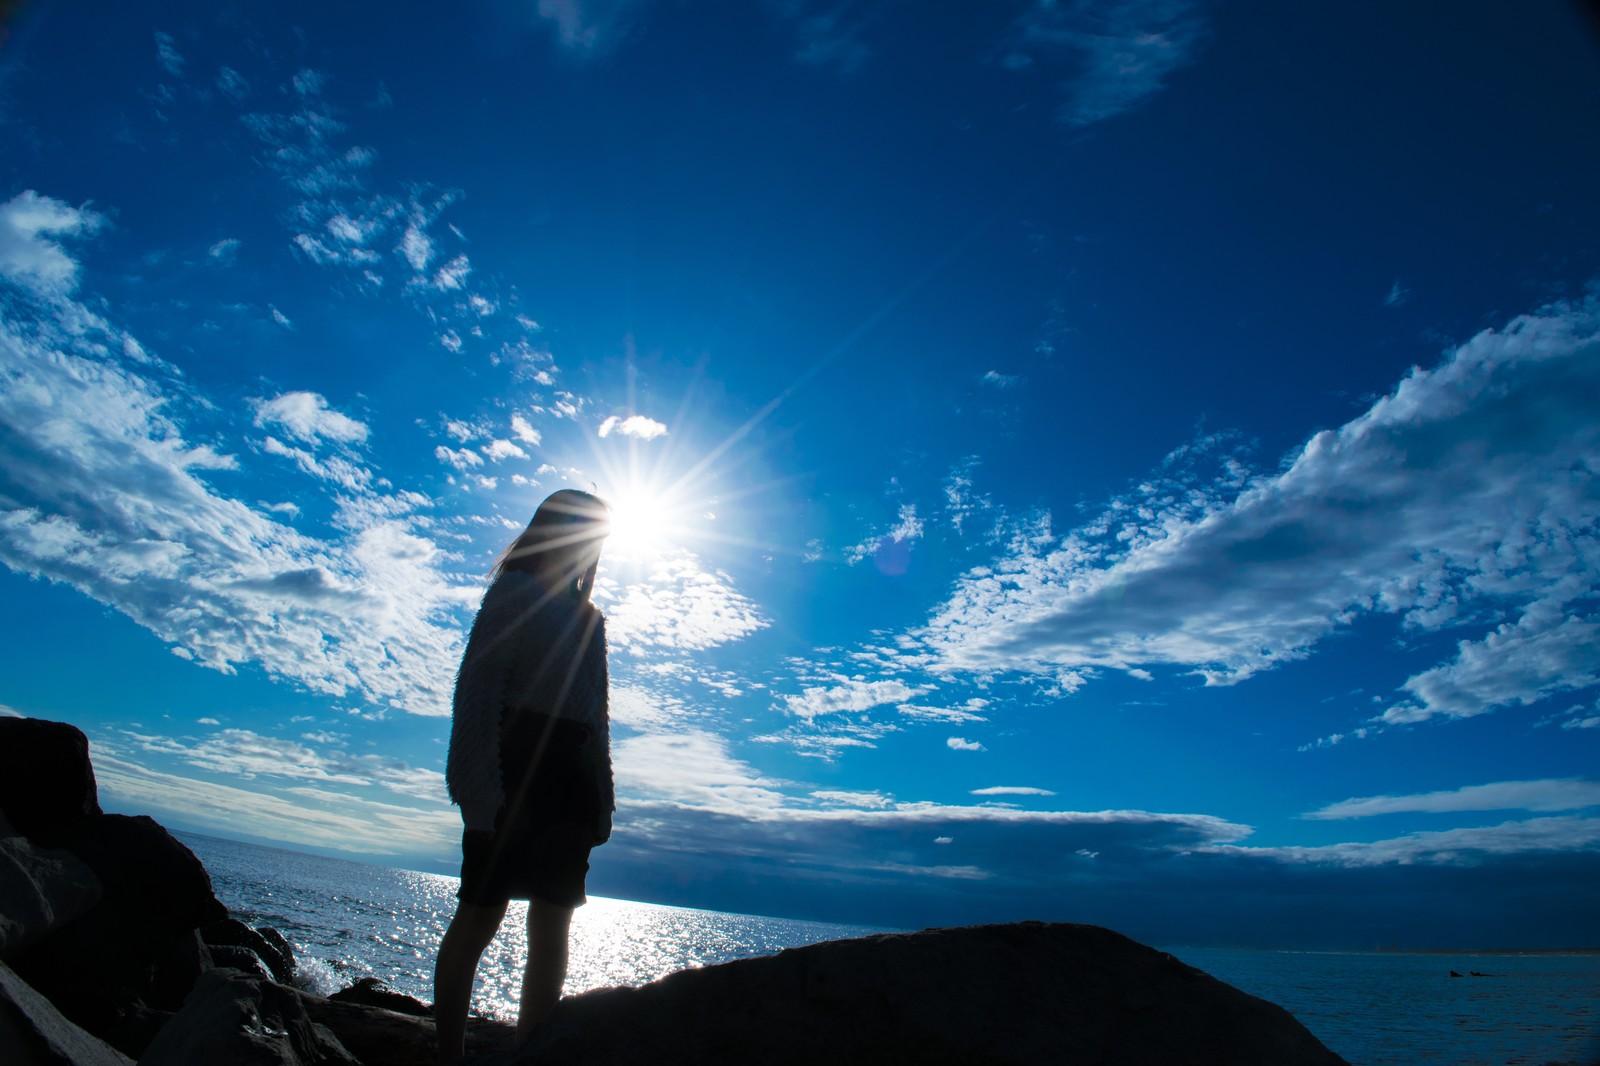 私の上にある空は、何度でも晴れる ~火星サイクル終盤は前を向いて、自分の足で歩こう